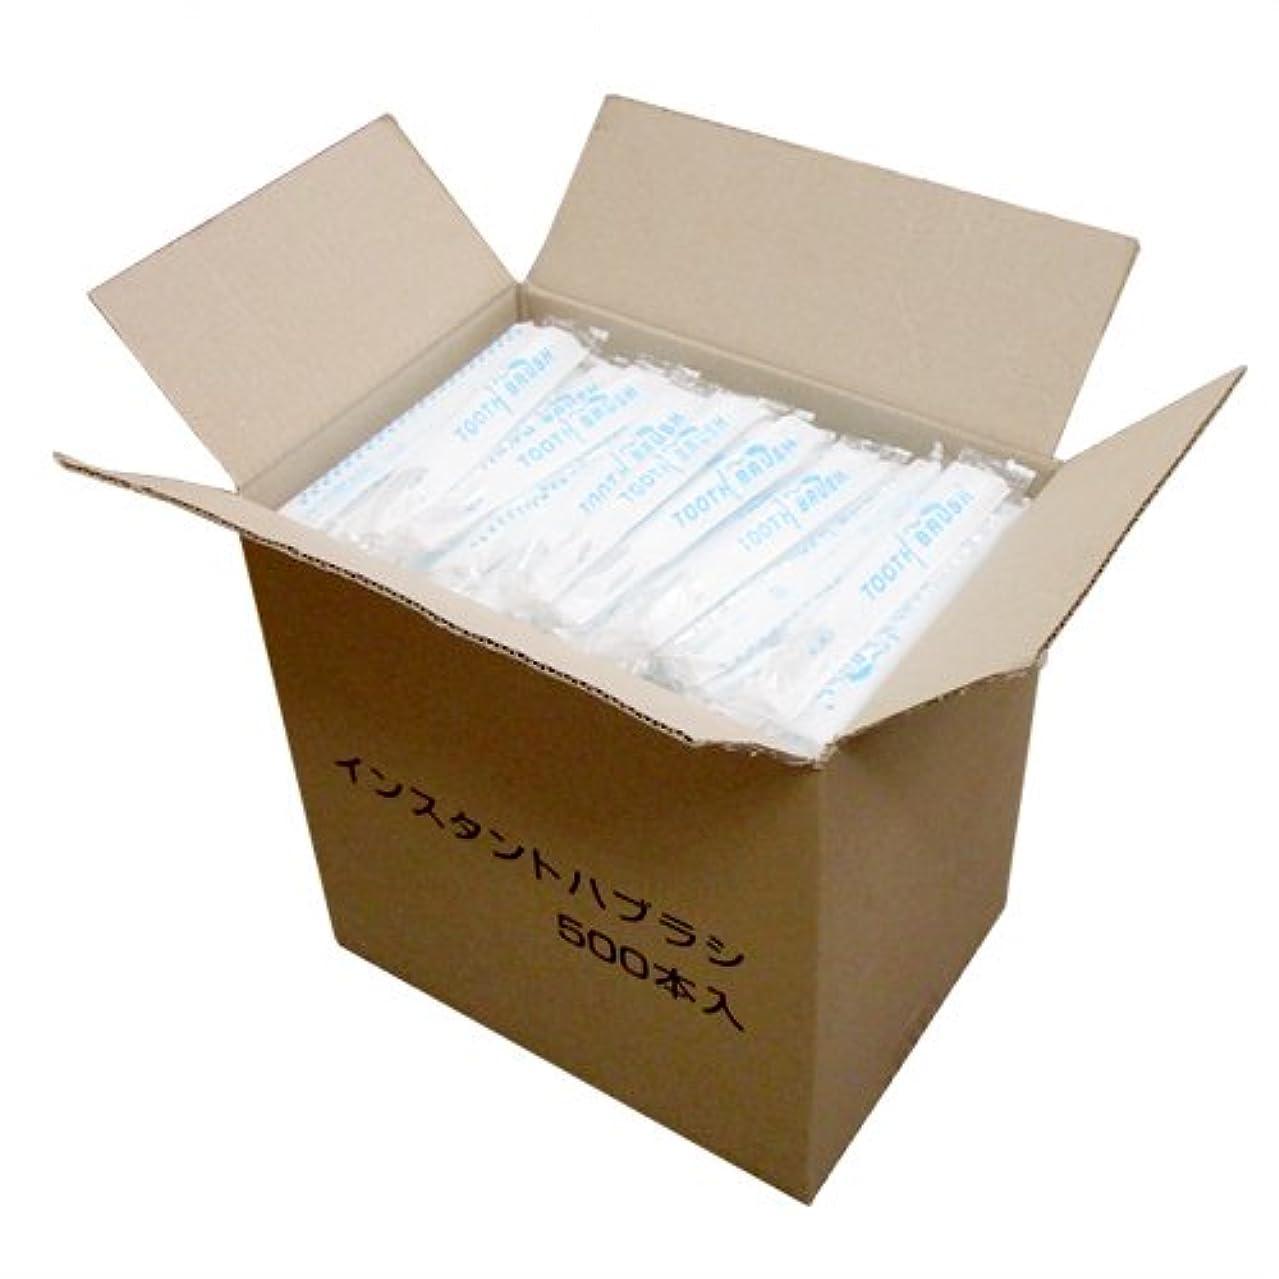 全部横にバイソン業務用 日本製 使い捨て粉付き歯ブラシ 個包装タイプ 500本入×1箱│ホテルアメニティ